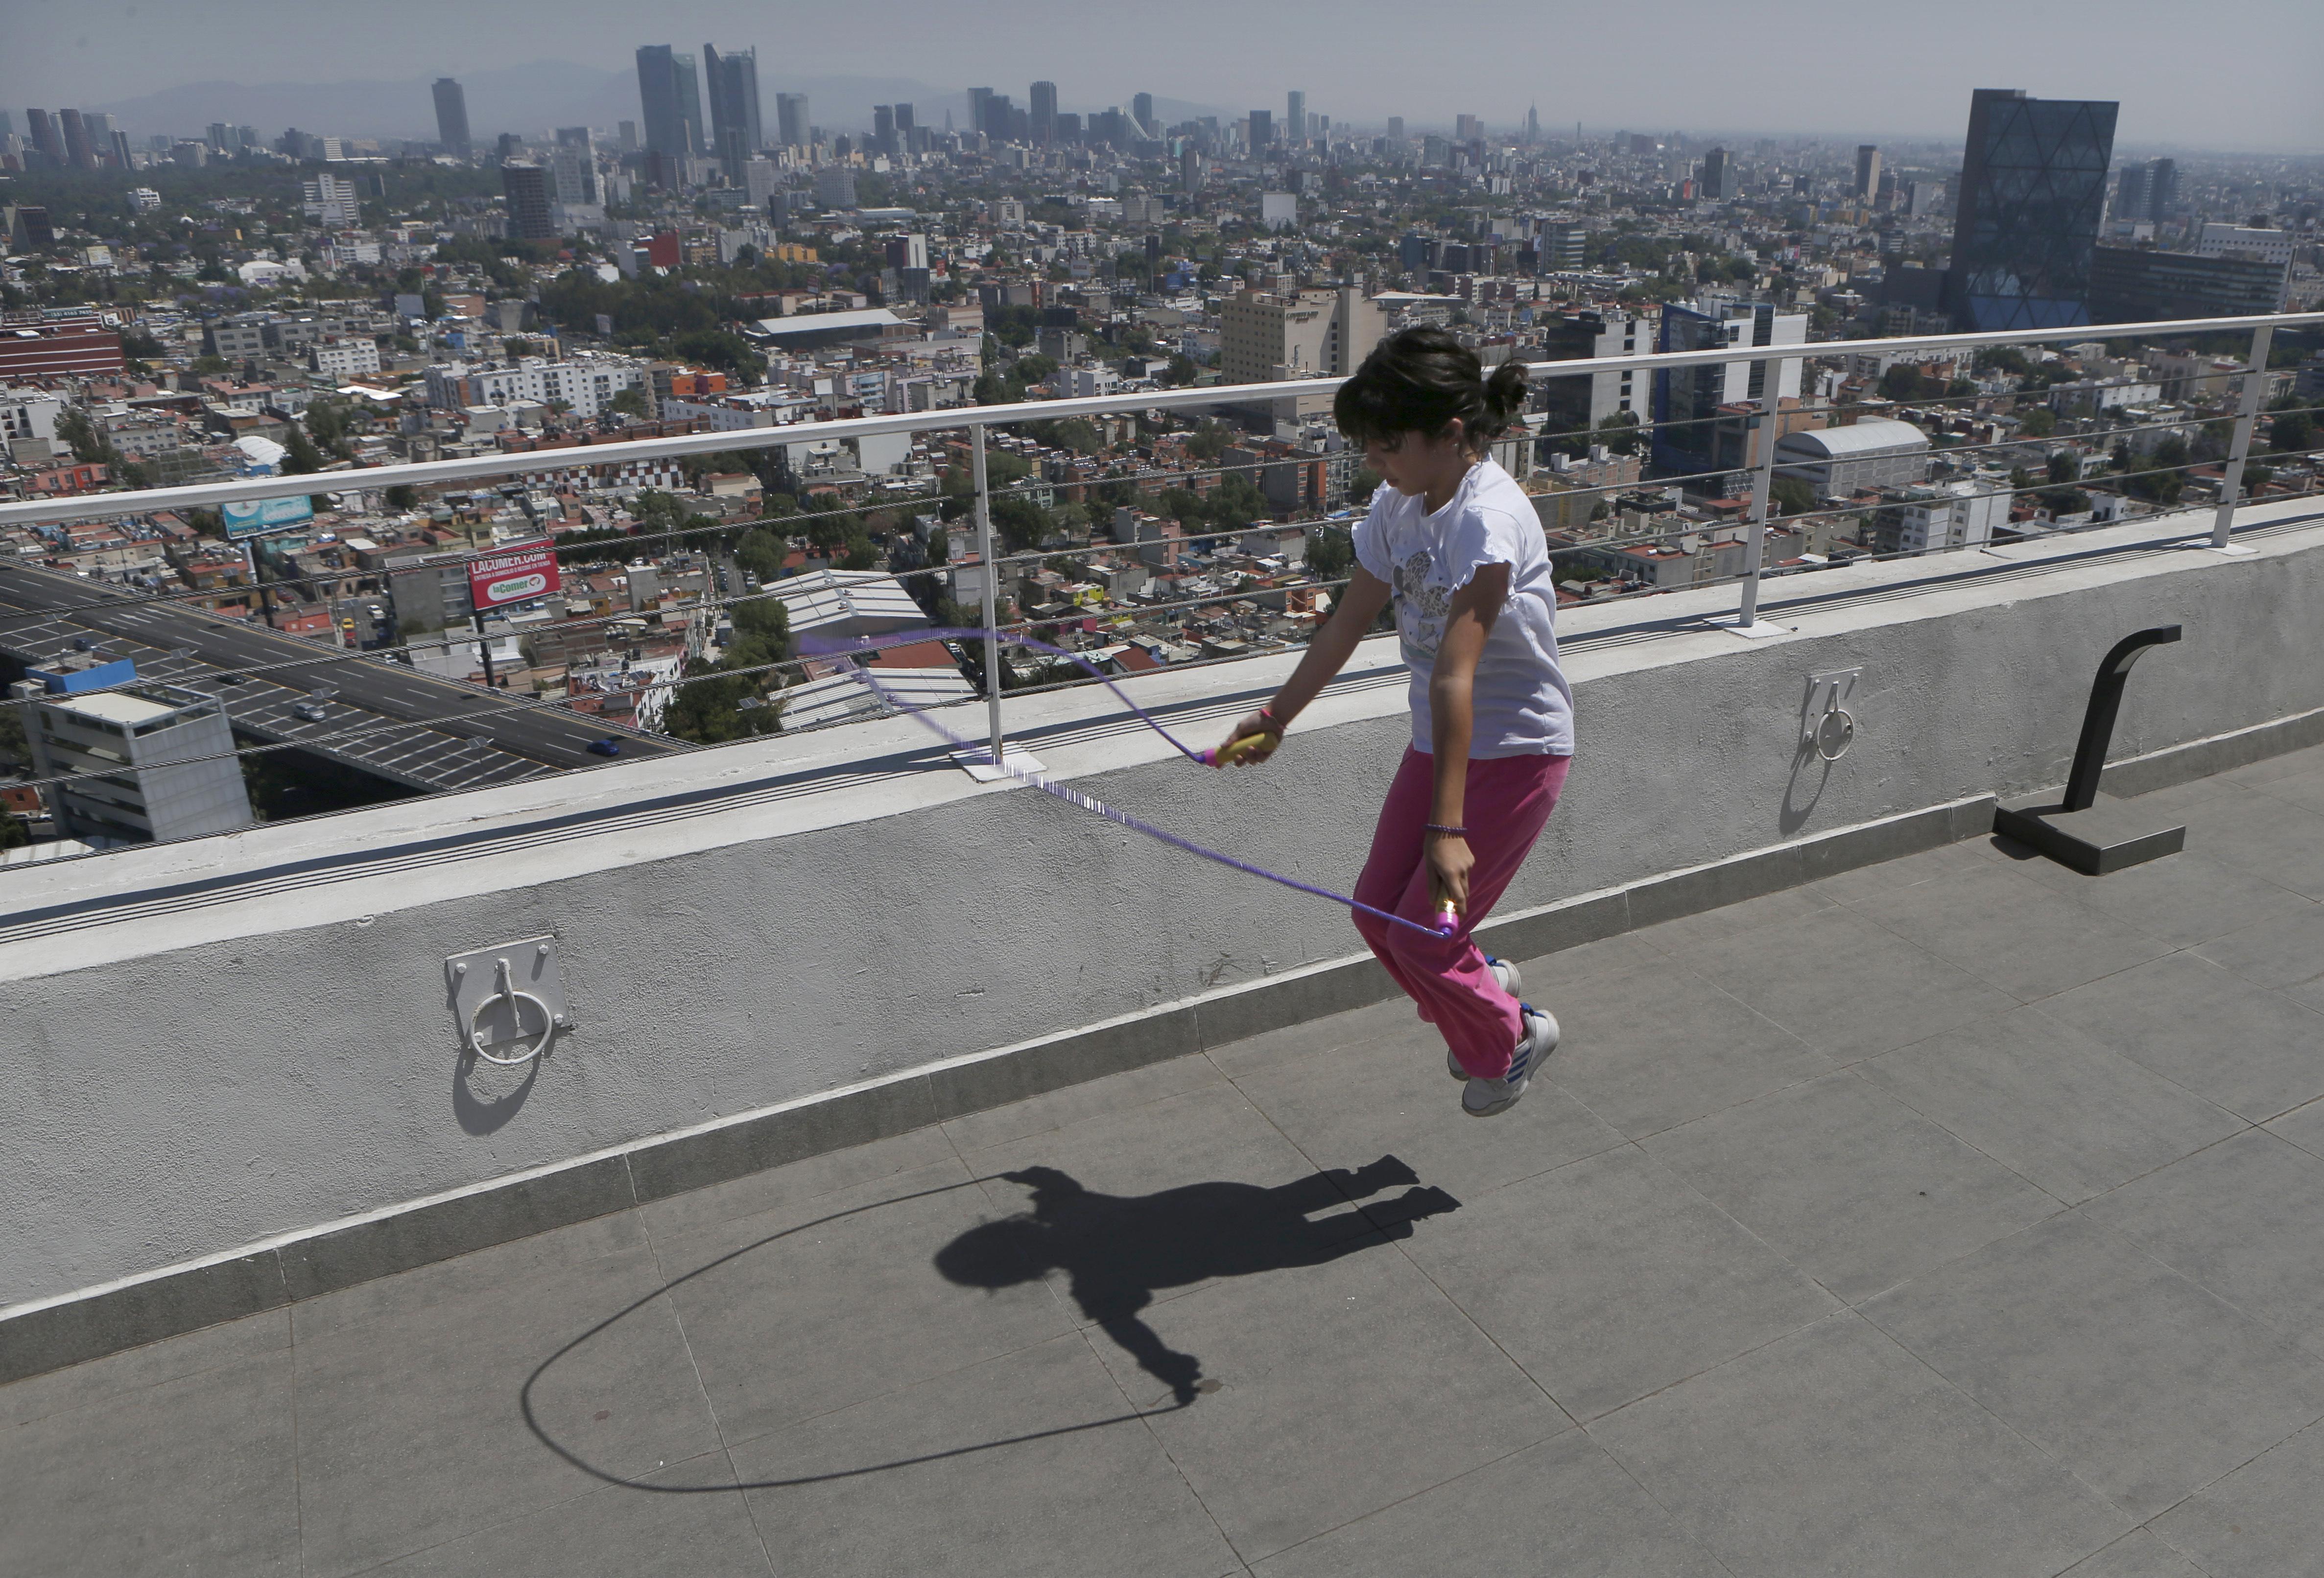 Una niña se queda en casa después de que su escuela canceló las clases debido a la propagación del nuevo coronavirus, Sofía Cortés salta a la cuerda en el techo de un edificio en la Ciudad de México, el martes 31 de marzo de 2020.